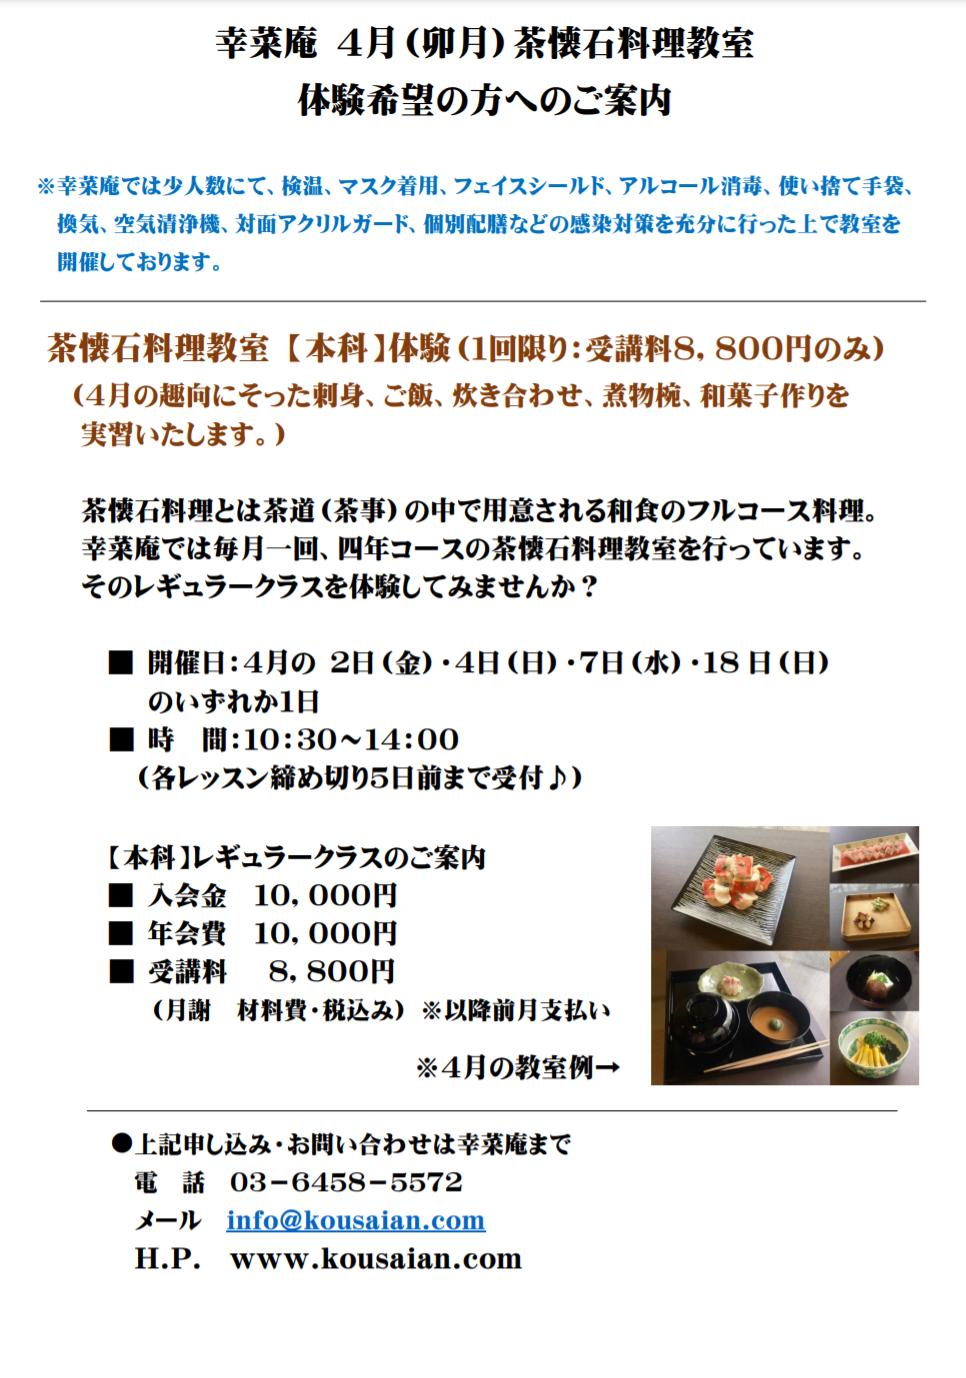 幸菜庵 4月(卯月)の茶懐石料理教室本科 和菓子教室 体験レッスン ご予約受付中です。